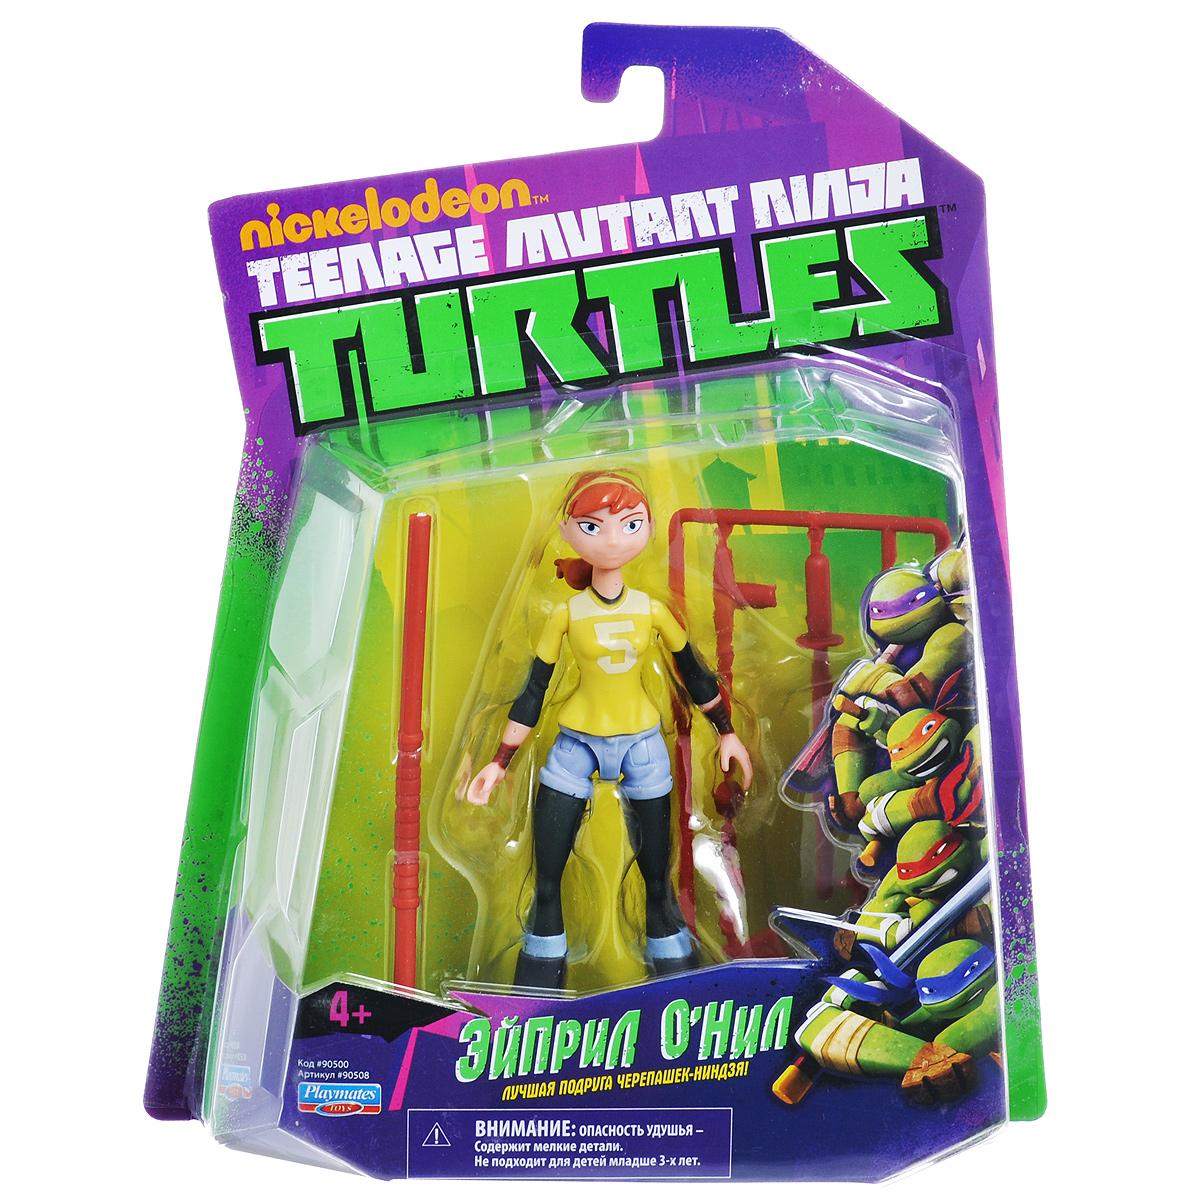 Фигурка Turtles Эйприл, 12 см90508Фигурка Turtles Эйприл станет прекрасным подарком для вашего ребенка. Она выполнена из прочного пластика в виде Эйприл - лучшей подруги Черепашек-Ниндзя. Конечности фигурки подвижны, что позволяет придавать Эйприл различные позы. В комплект входит тренировочный шест-бо и другое оружие Эйприл. Ваш ребенок будет часами играть с этой фигуркой, придумывая различные истории с участием любимого героя. В школе Эйприл была белой вороной, но стала незаменимым членом команды Черепашек! Умная и независимая, она всегда находится в центре событий.